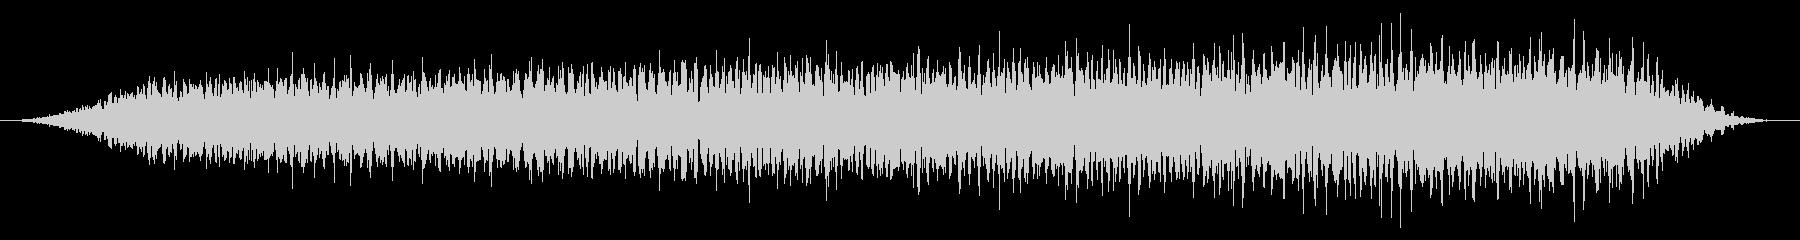 カエル/合唱/田んぼ(40秒Ver.)の未再生の波形